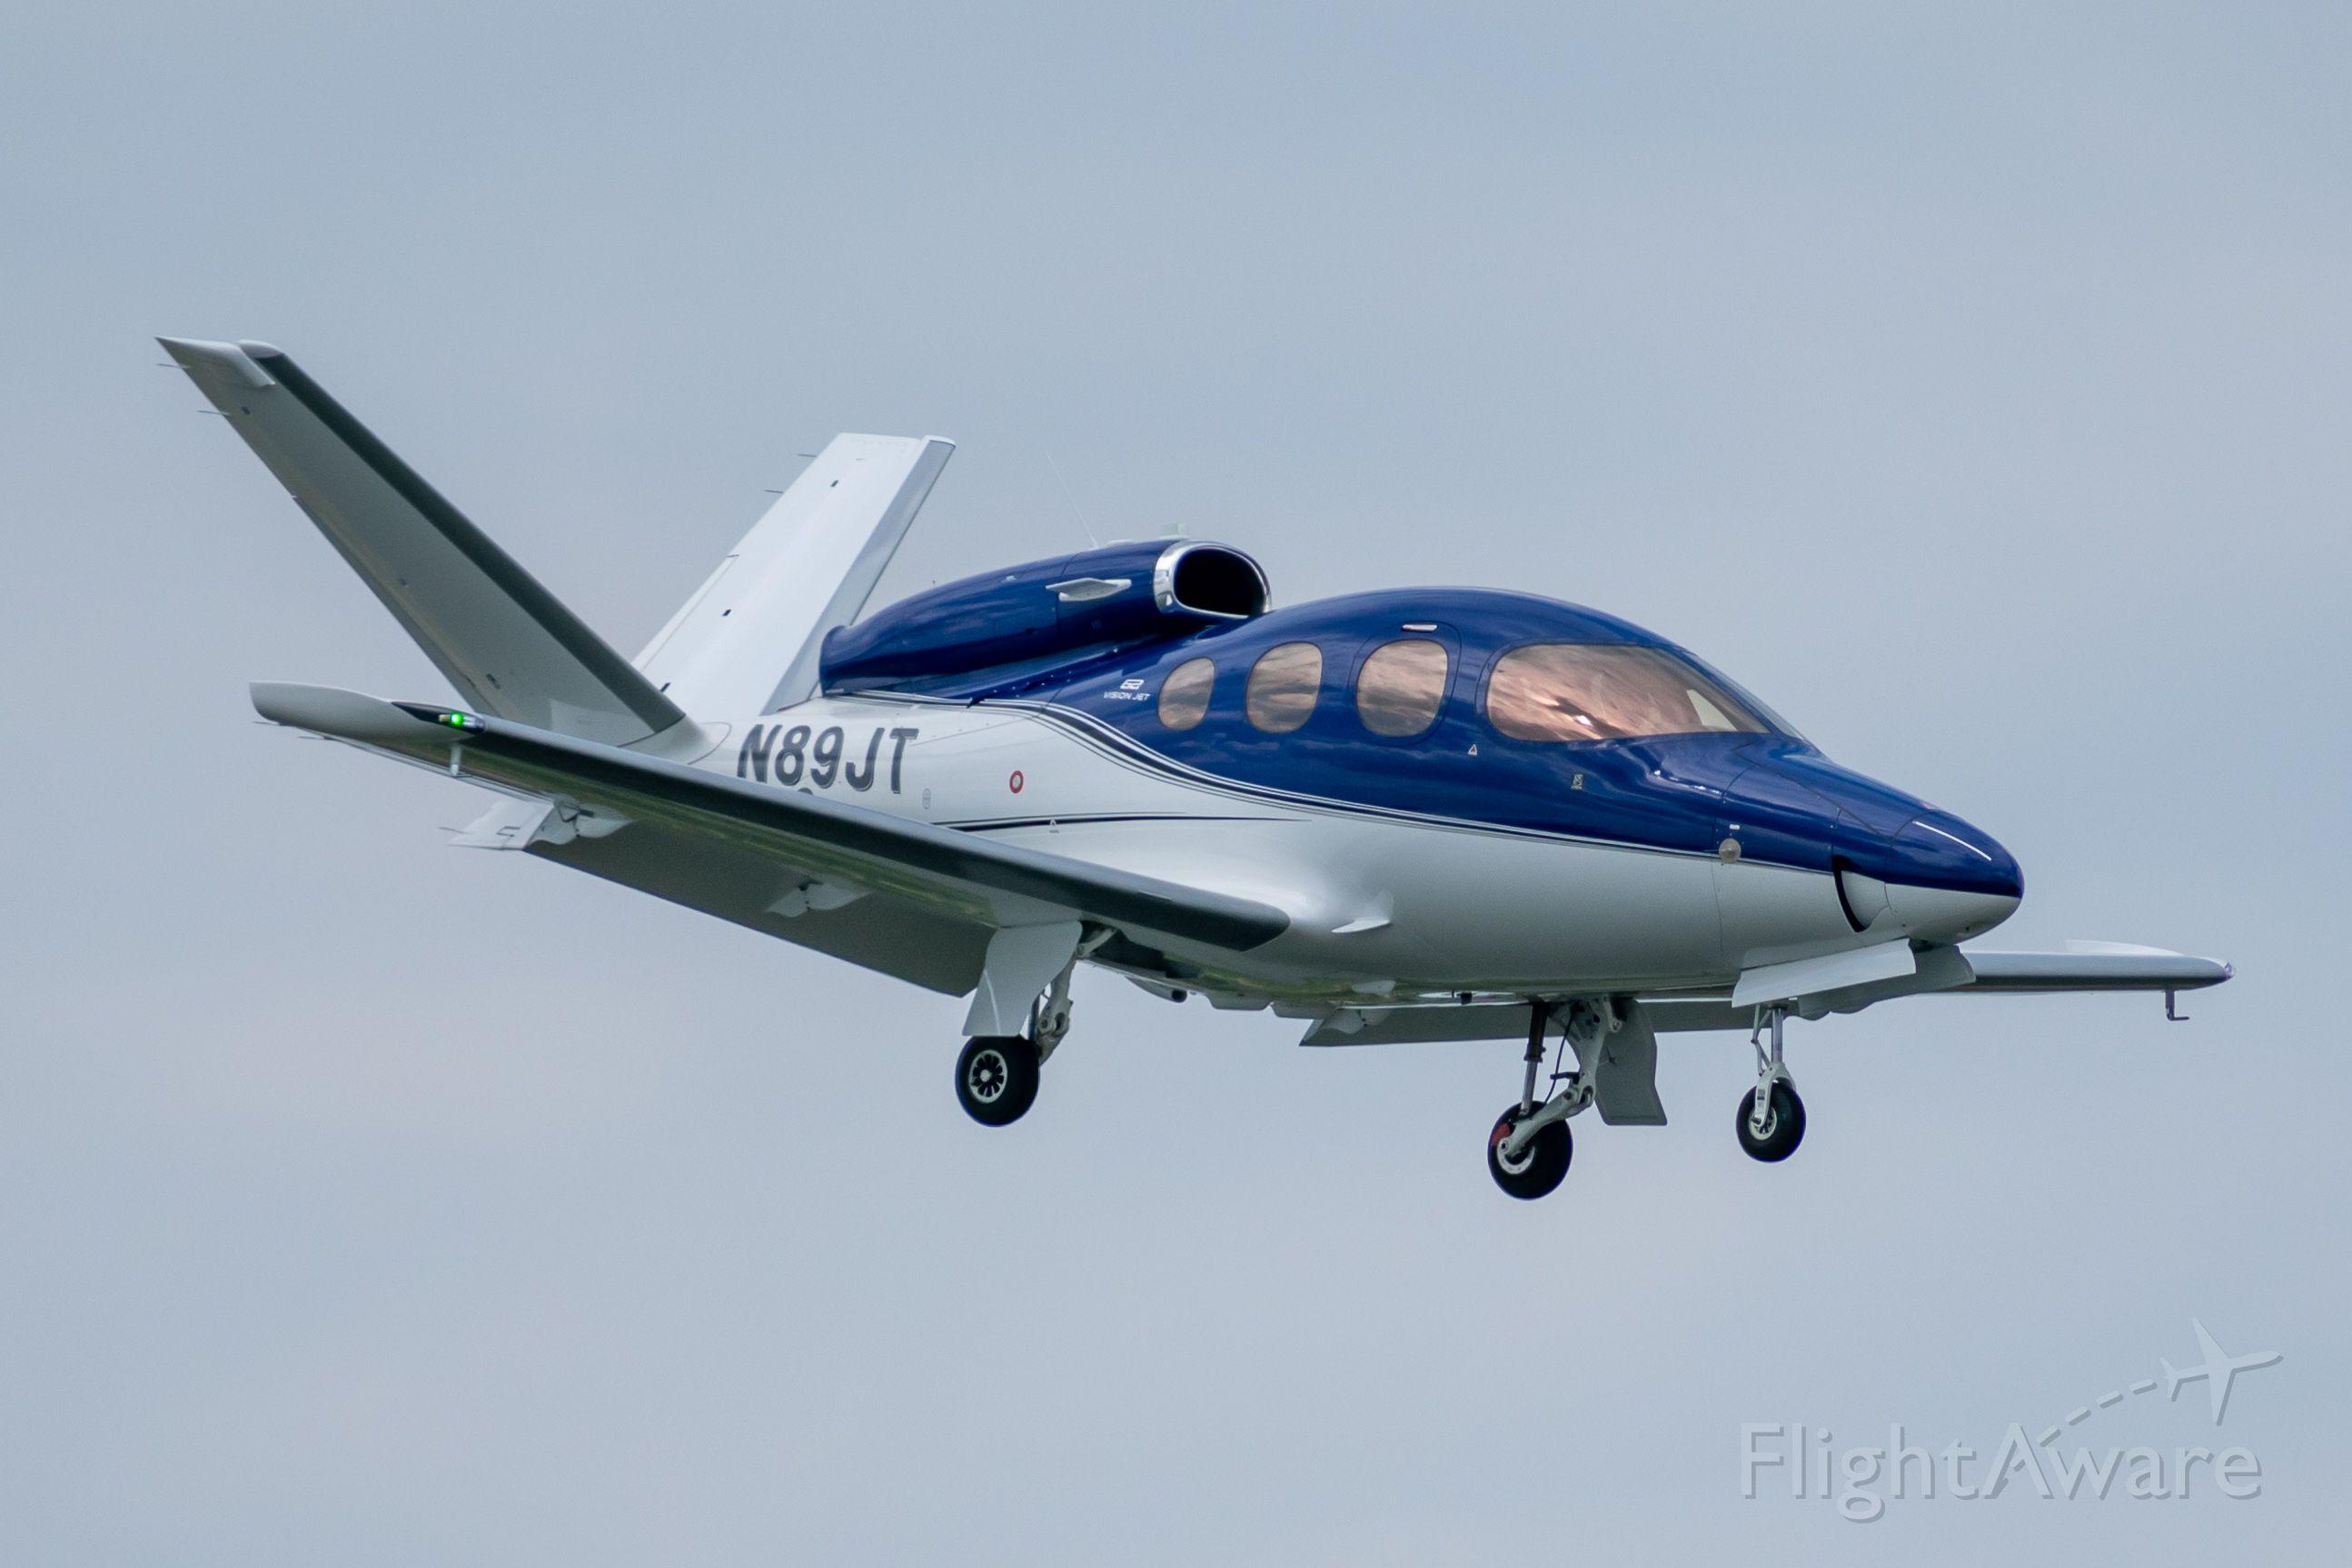 Cirrus Vision SF50 (N89JT) - Landing 13R at Love Field, August 4th, 2019.